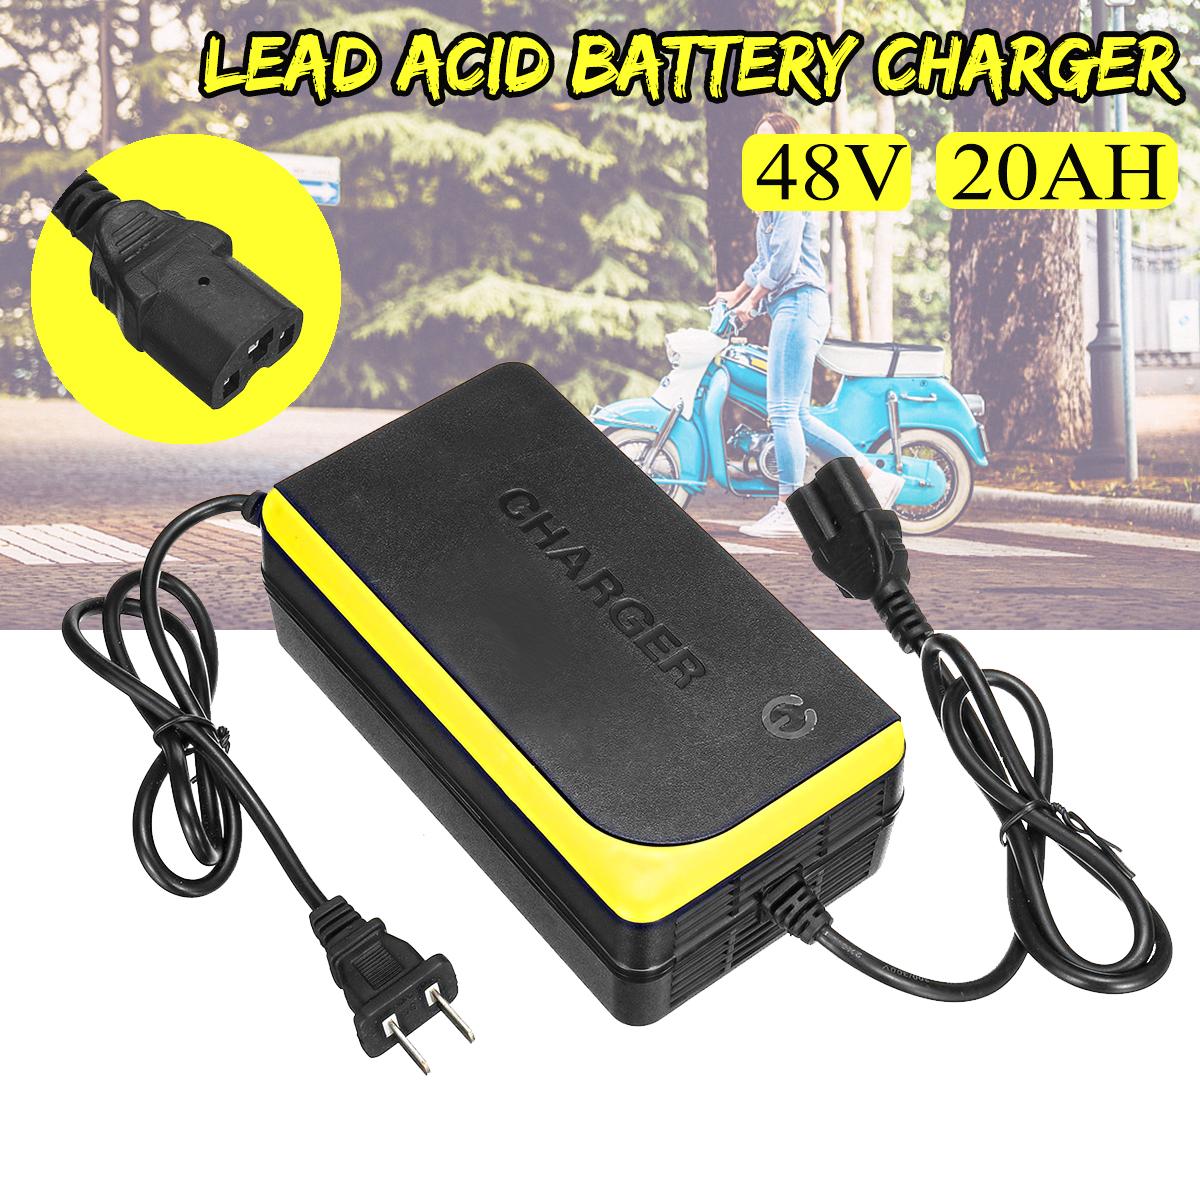 Equipamento de carregamento acidificado ao chumbo Bateria da motocicleta elétrica do carregador de 48V 20Ah Bateria